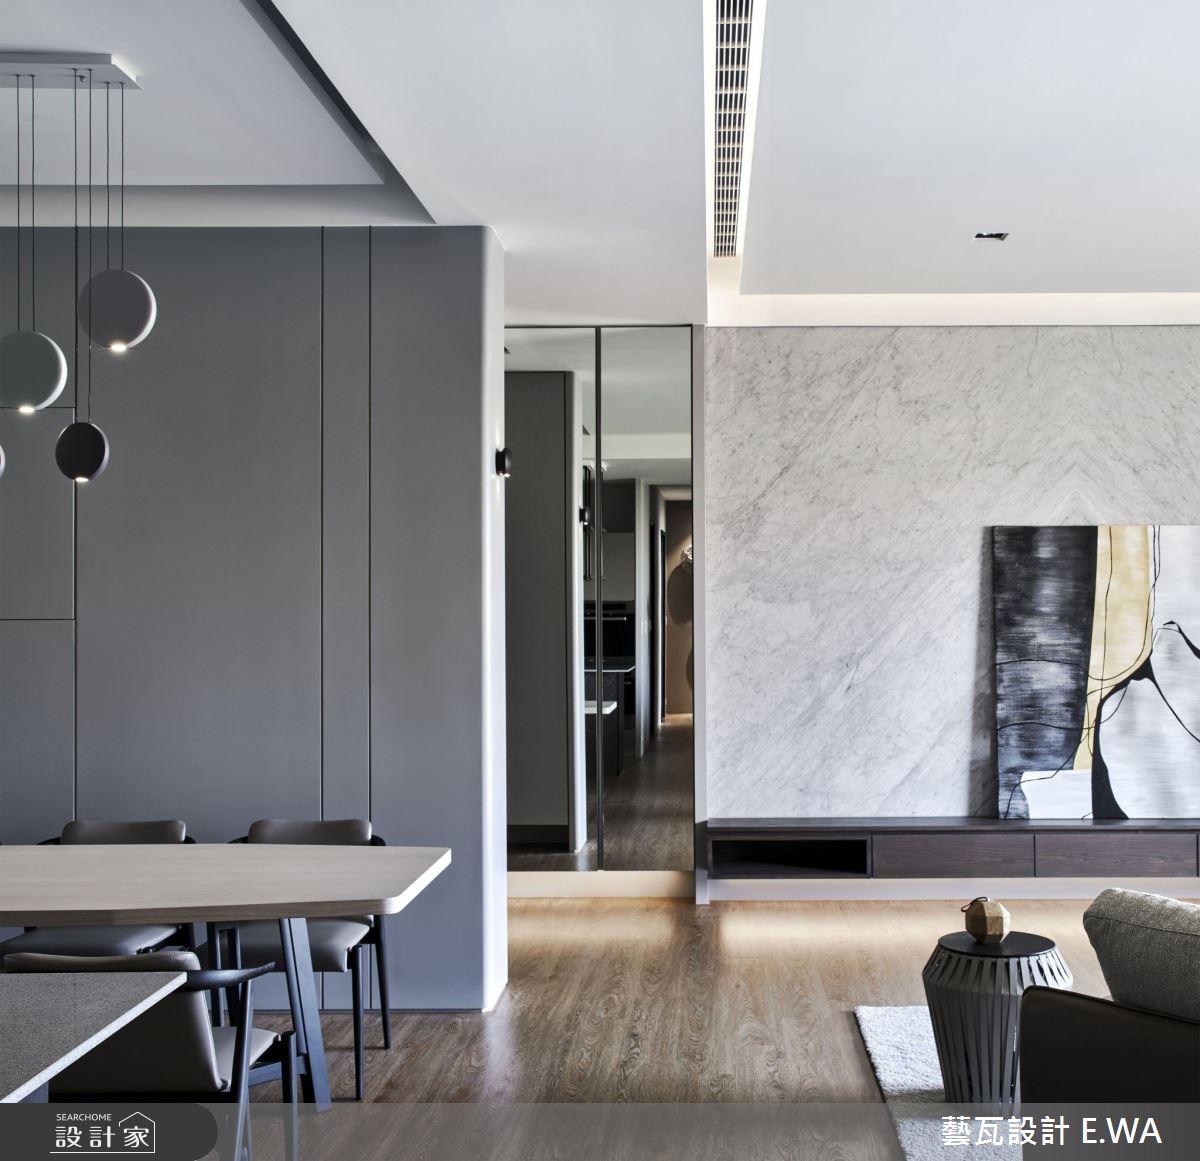 90坪新成屋(5年以下)_現代風餐廳案例圖片_藝瓦室內設計_藝瓦_25之12